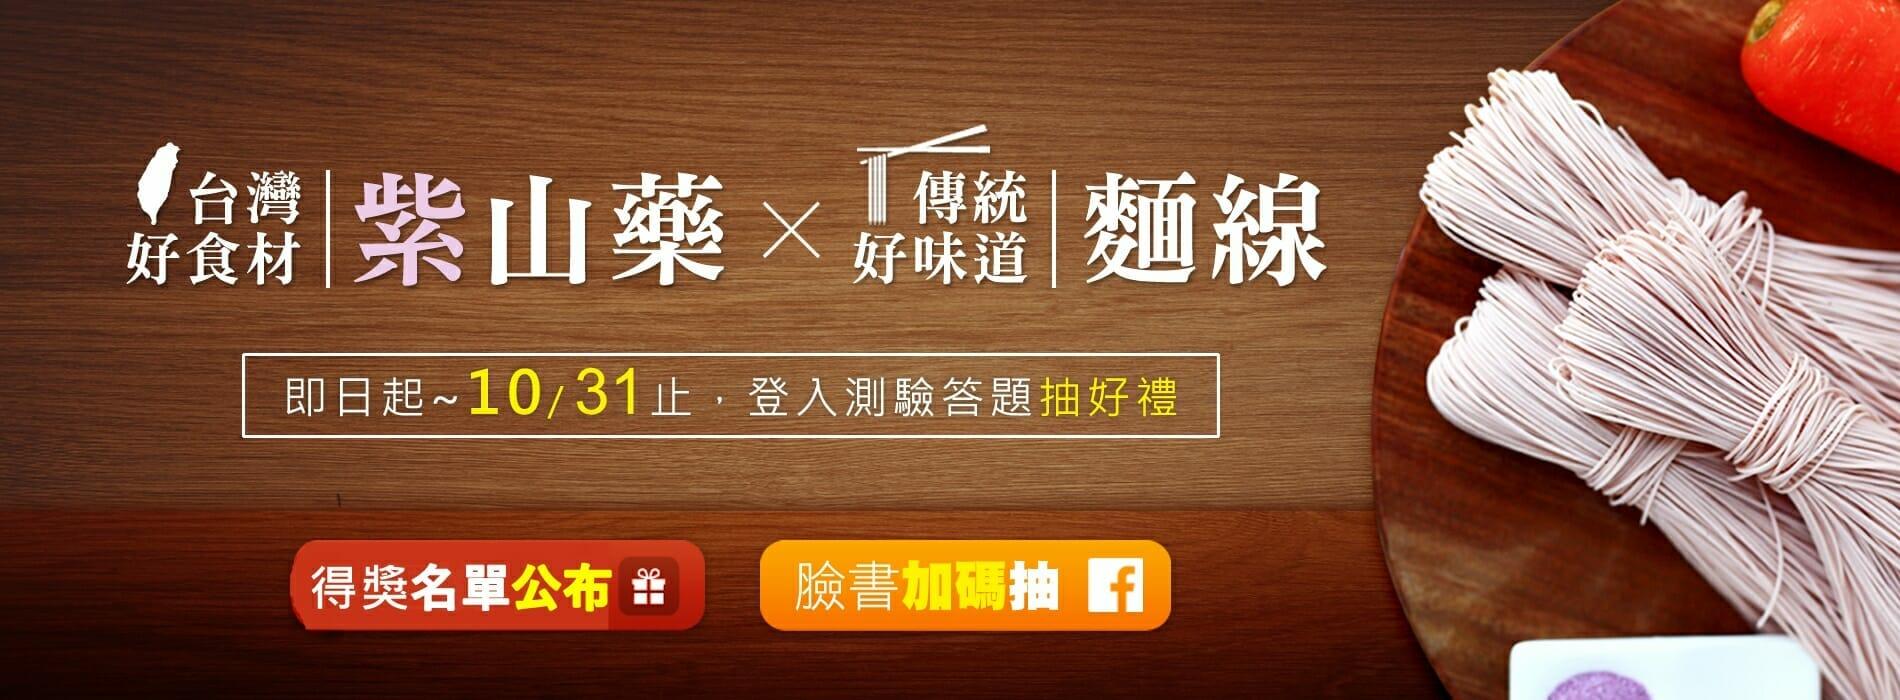 【得獎名單公布】台灣好食材紫山藥x傳統好味道麵線 - 7